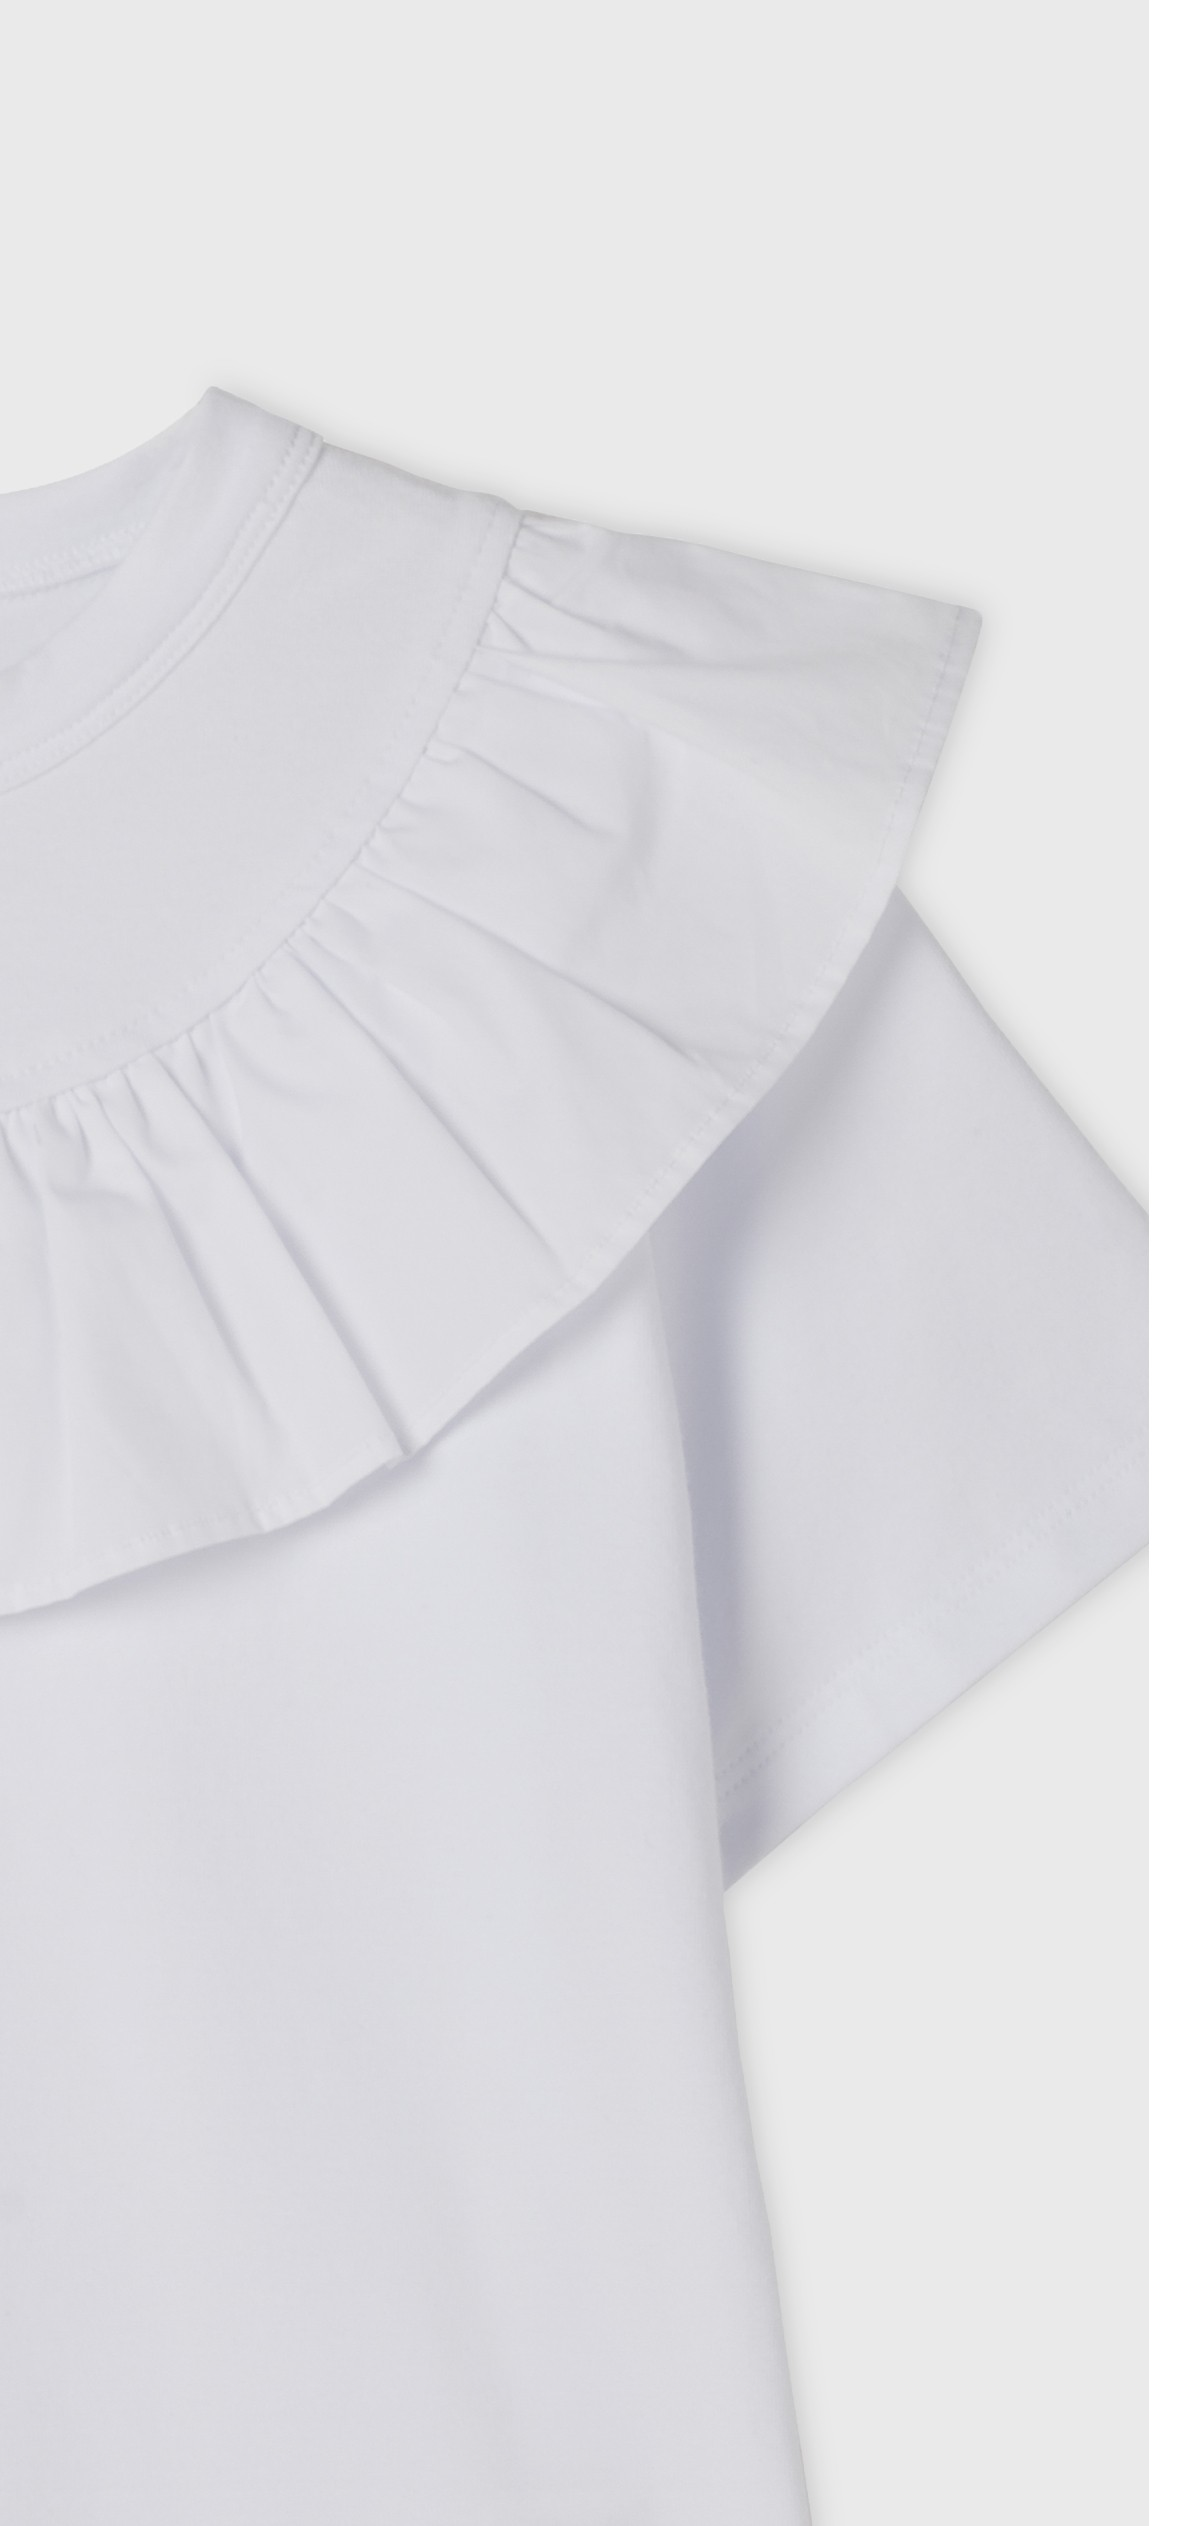 WHITE RUFFLE COLLARED T-SHIRT